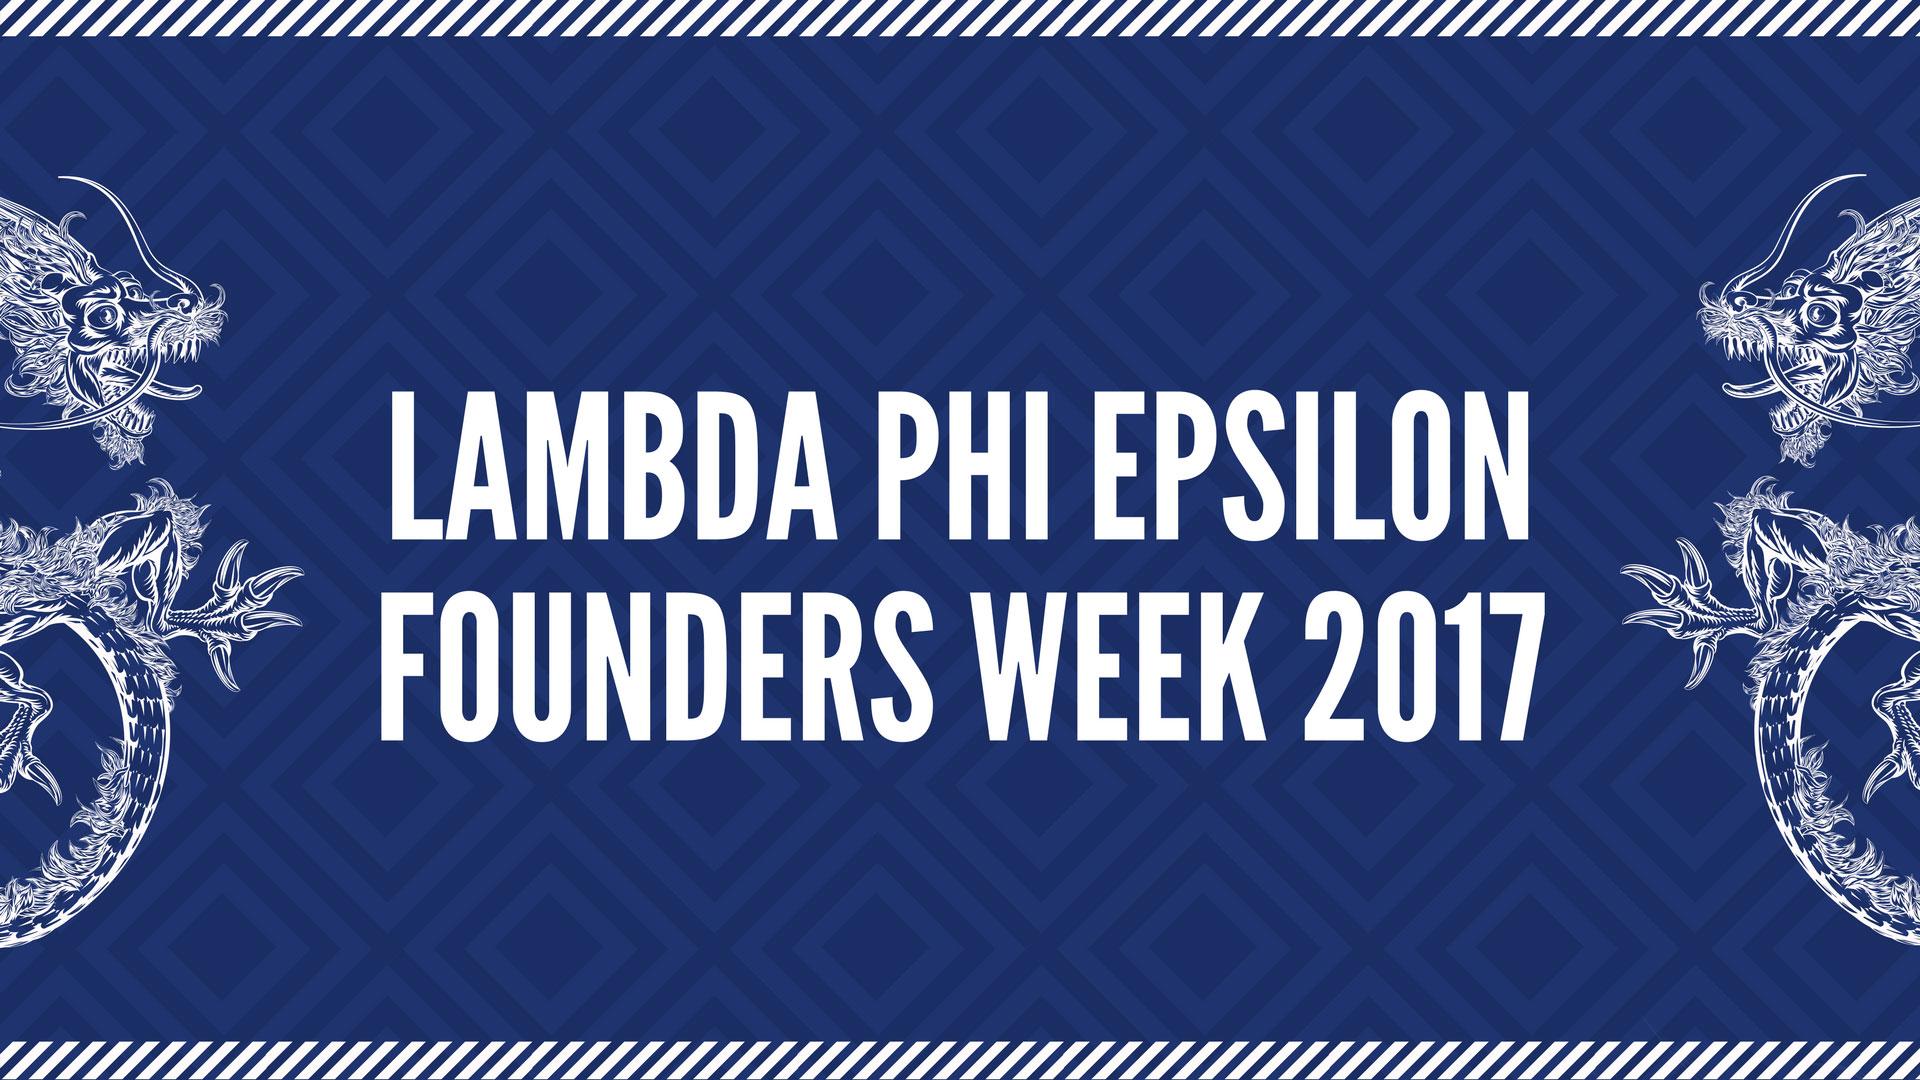 Founders Week 2017 Banner